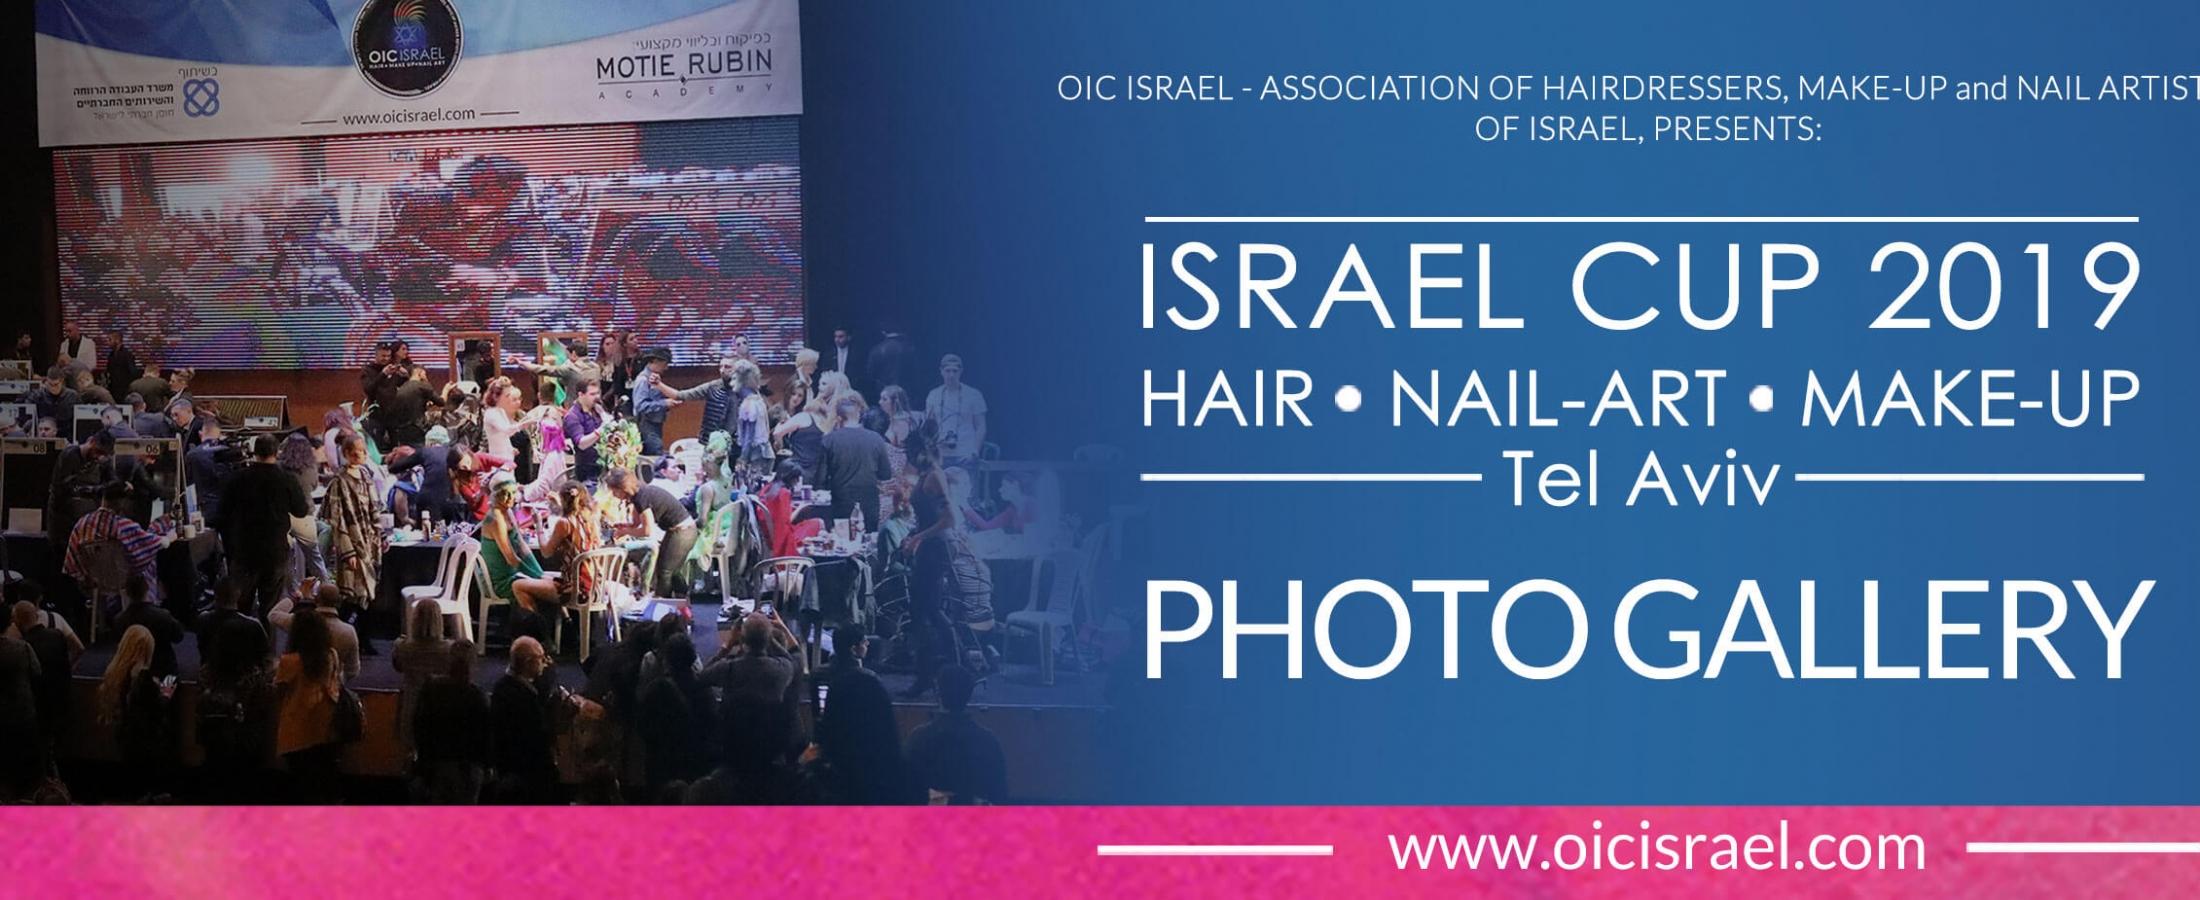 אליפות ישראל בעיצוב שיער, איפור ובניית ציפורניים